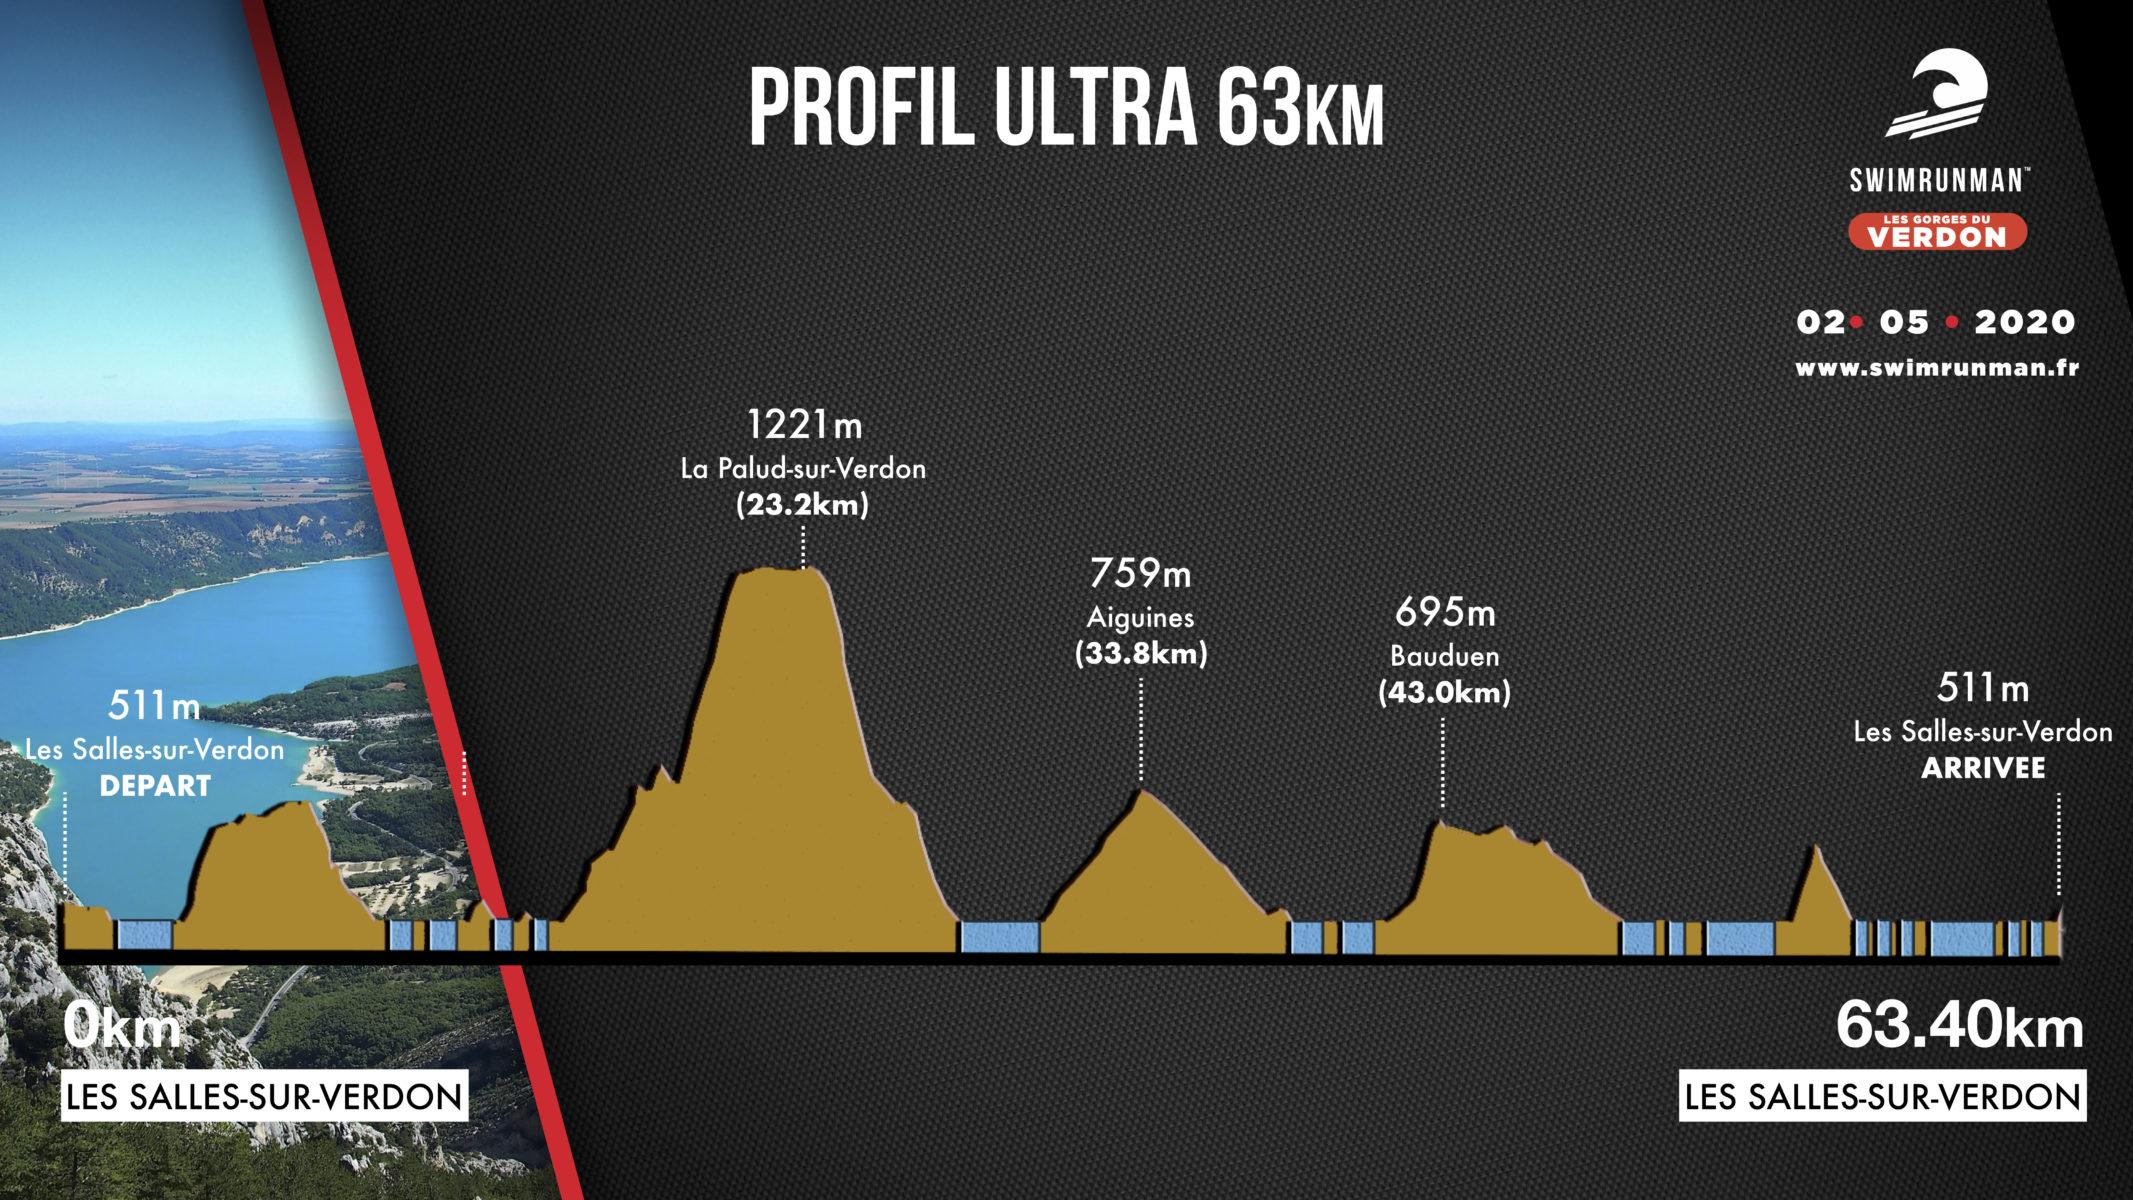 Profil Parcours Ultra swimrun verdon